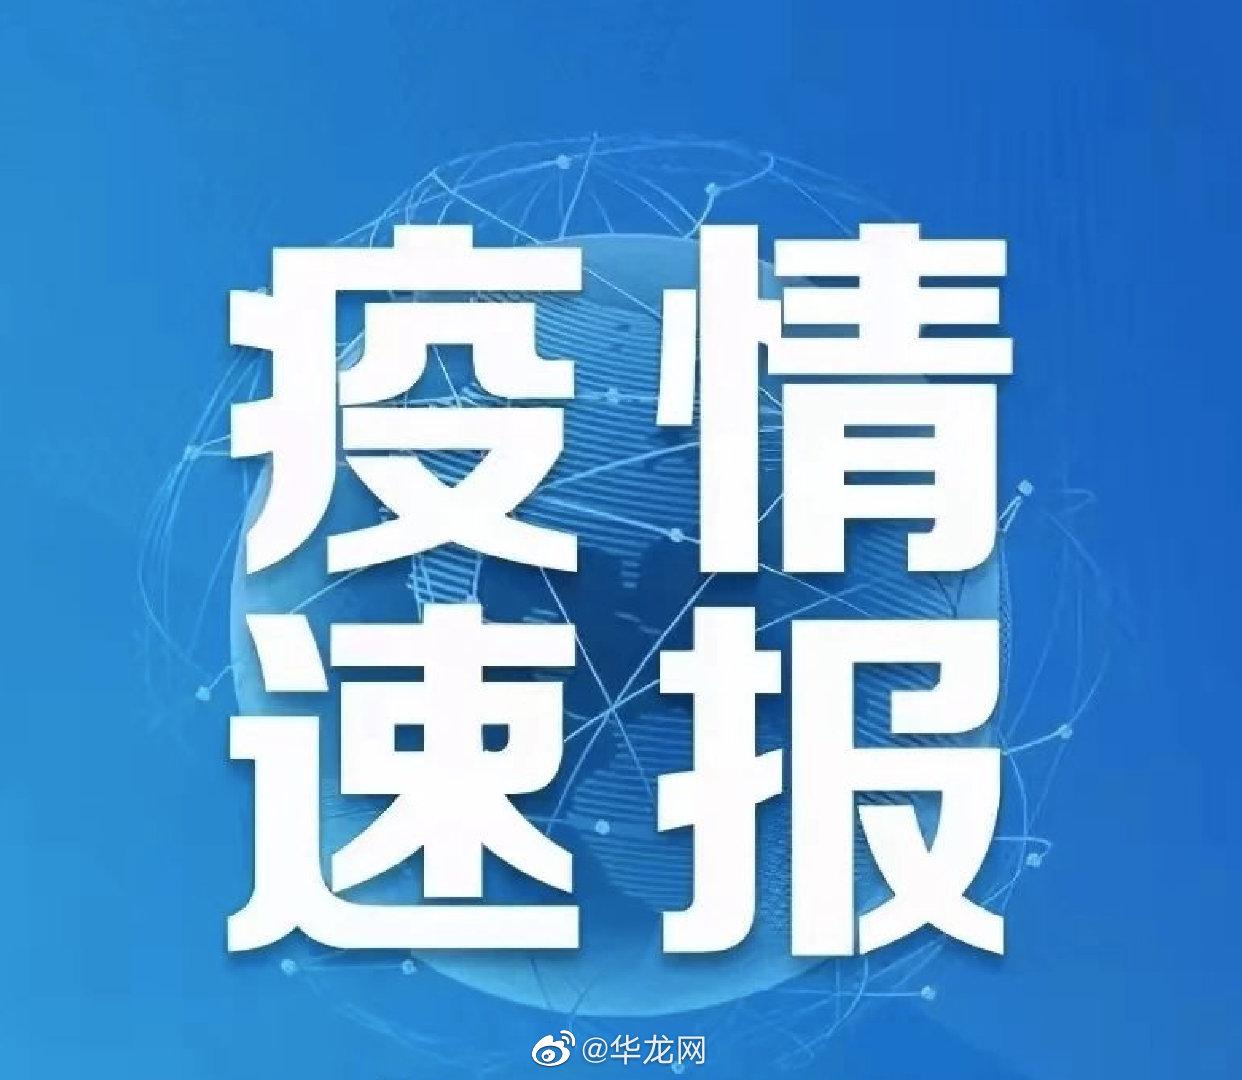 重庆市疾控中心提请全市公众关注新冠肺炎疫情